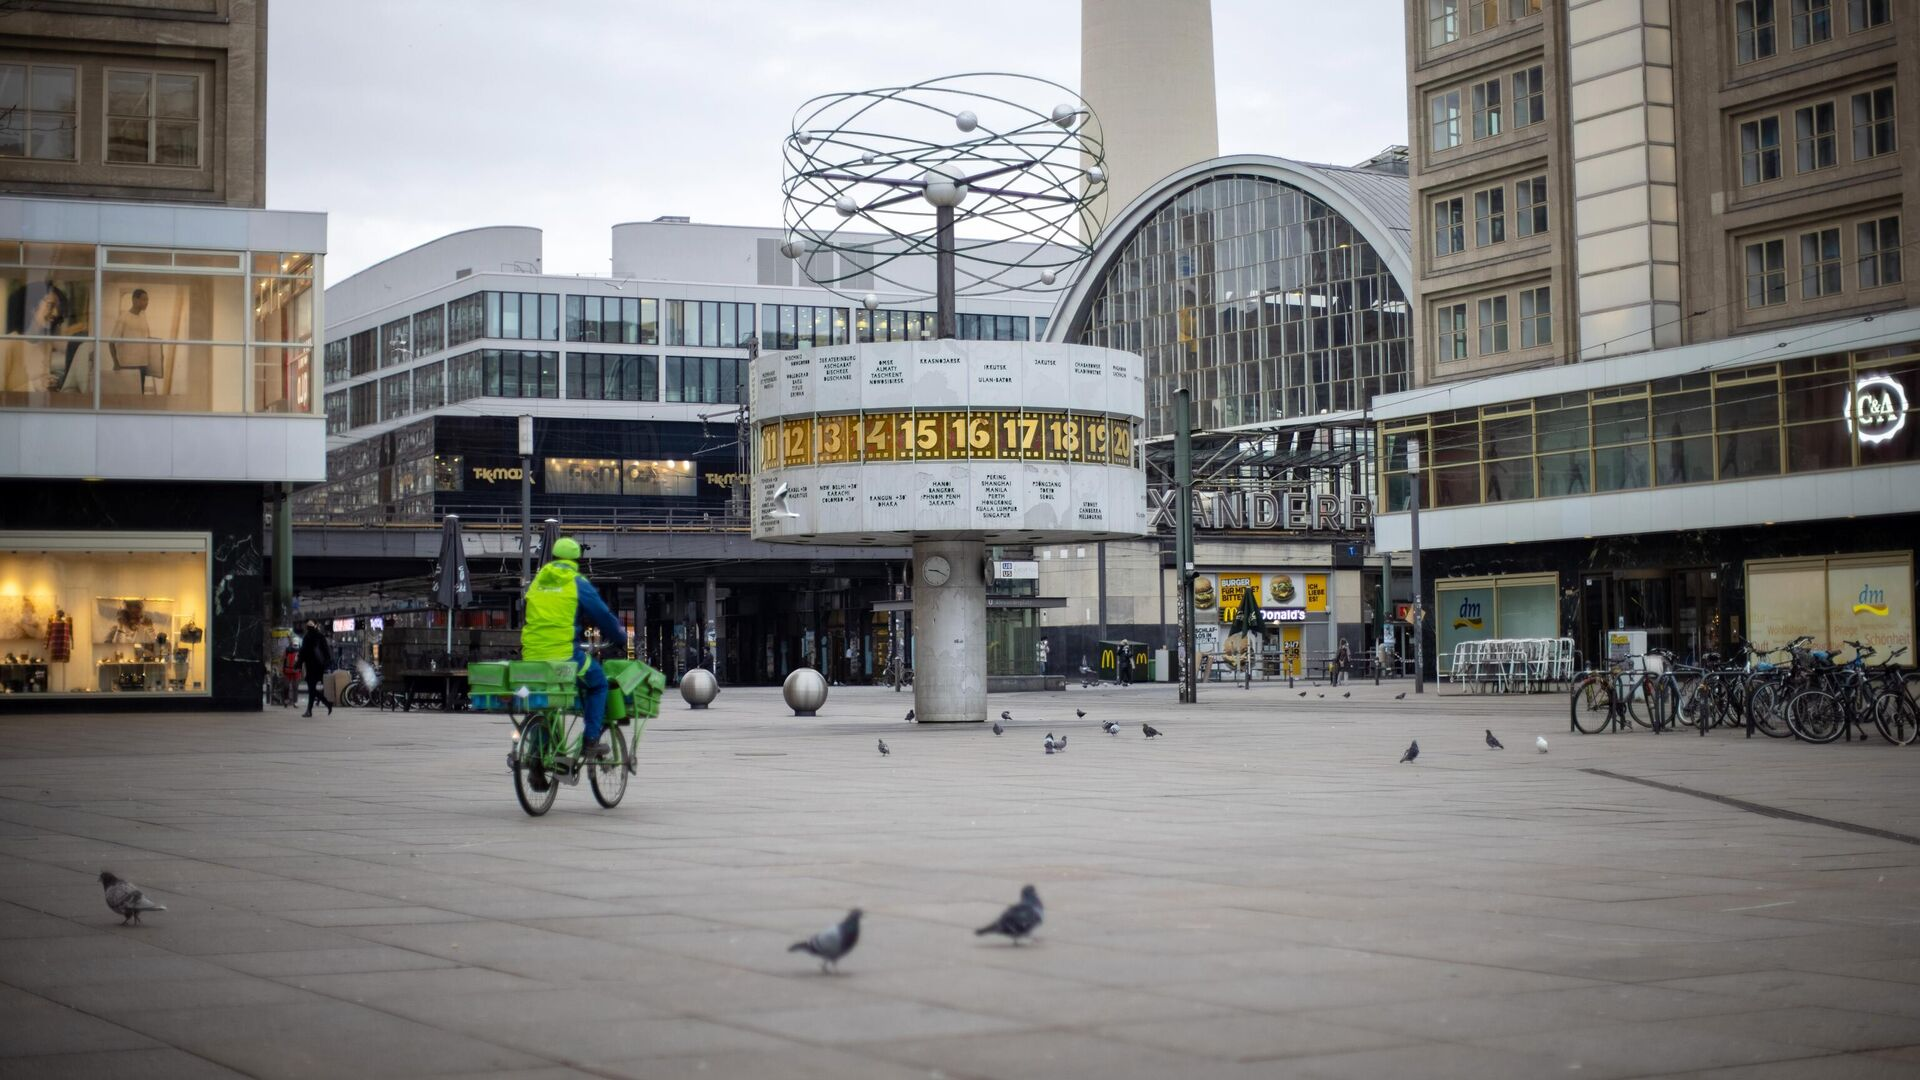 Площадь Александерплац в Берлине во время общенационального локдауна из-за второй волны пандемии коронавируса  - РИА Новости, 1920, 04.03.2021